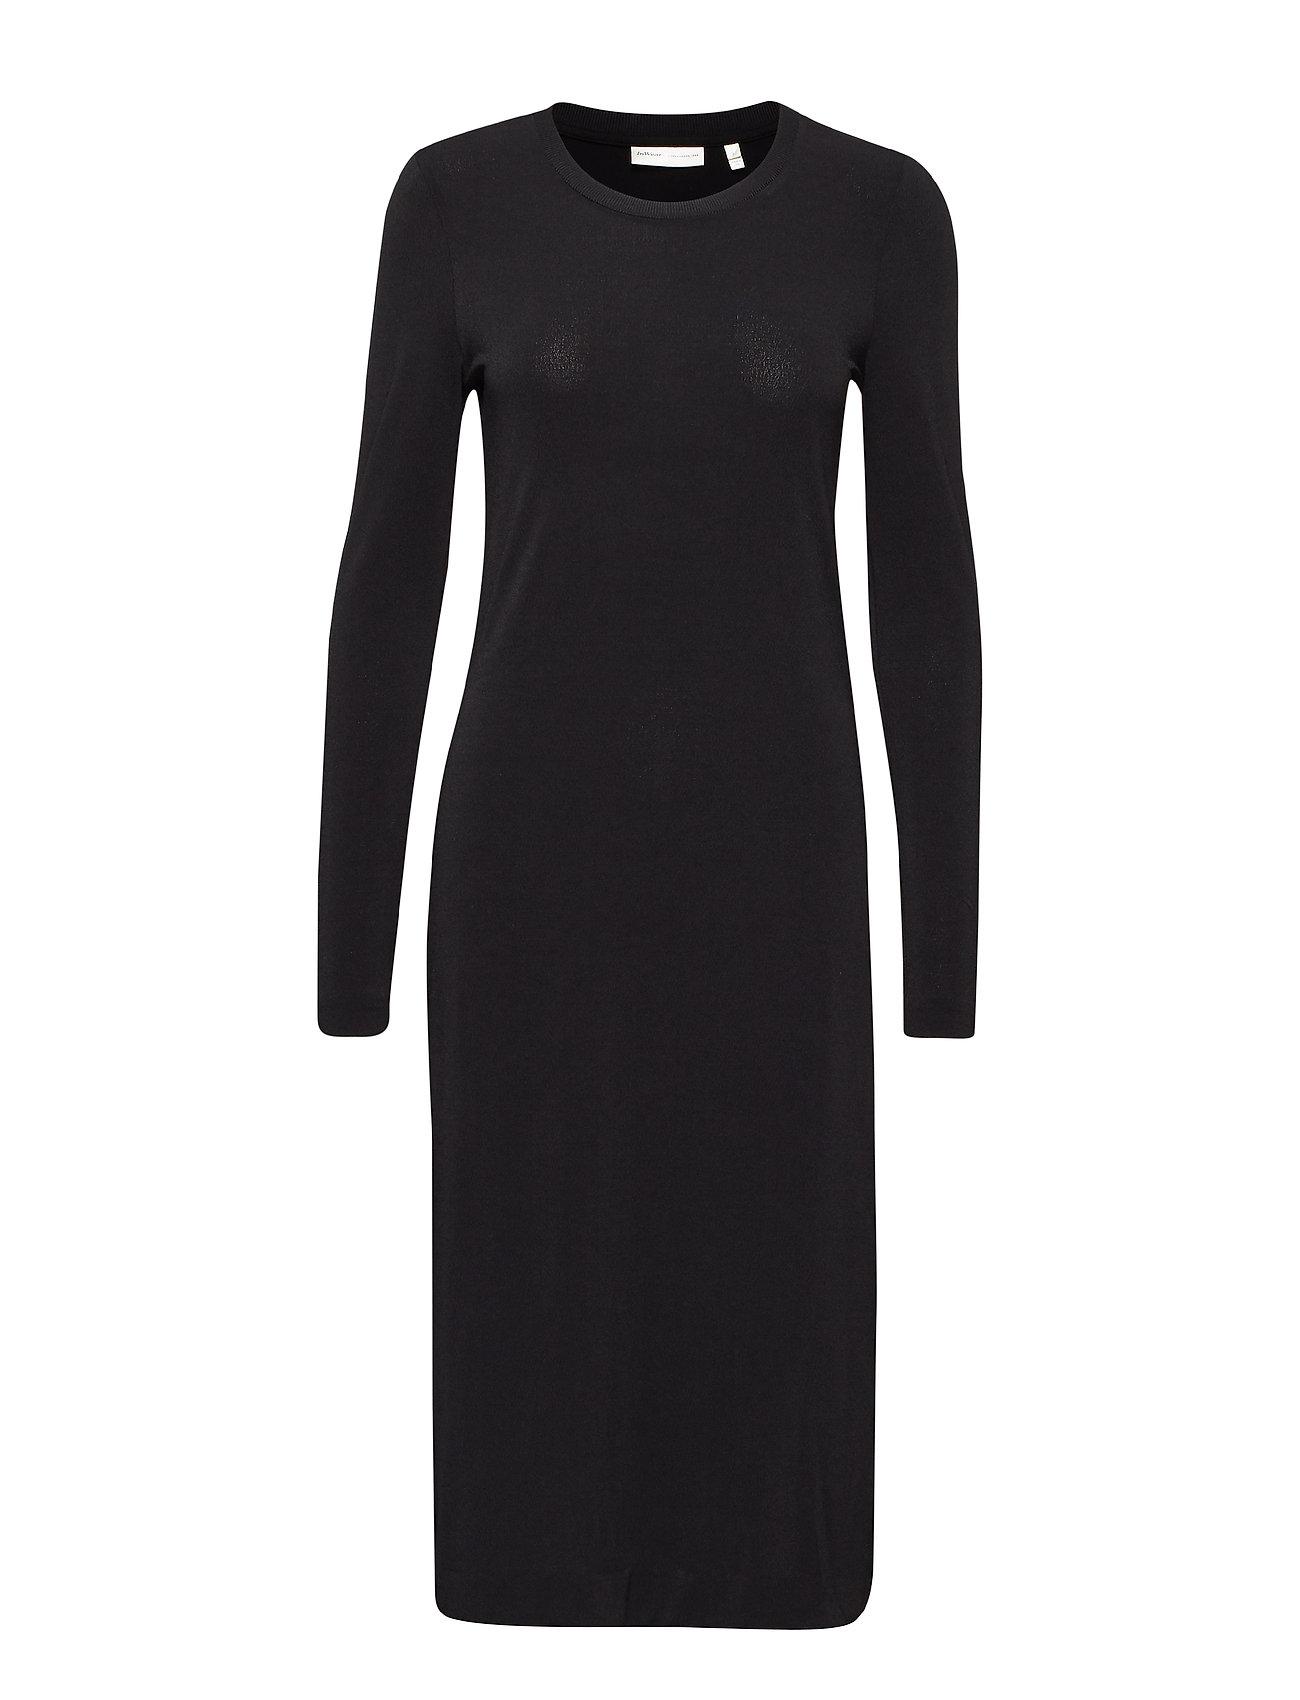 InWear Willa Dress - BLACK